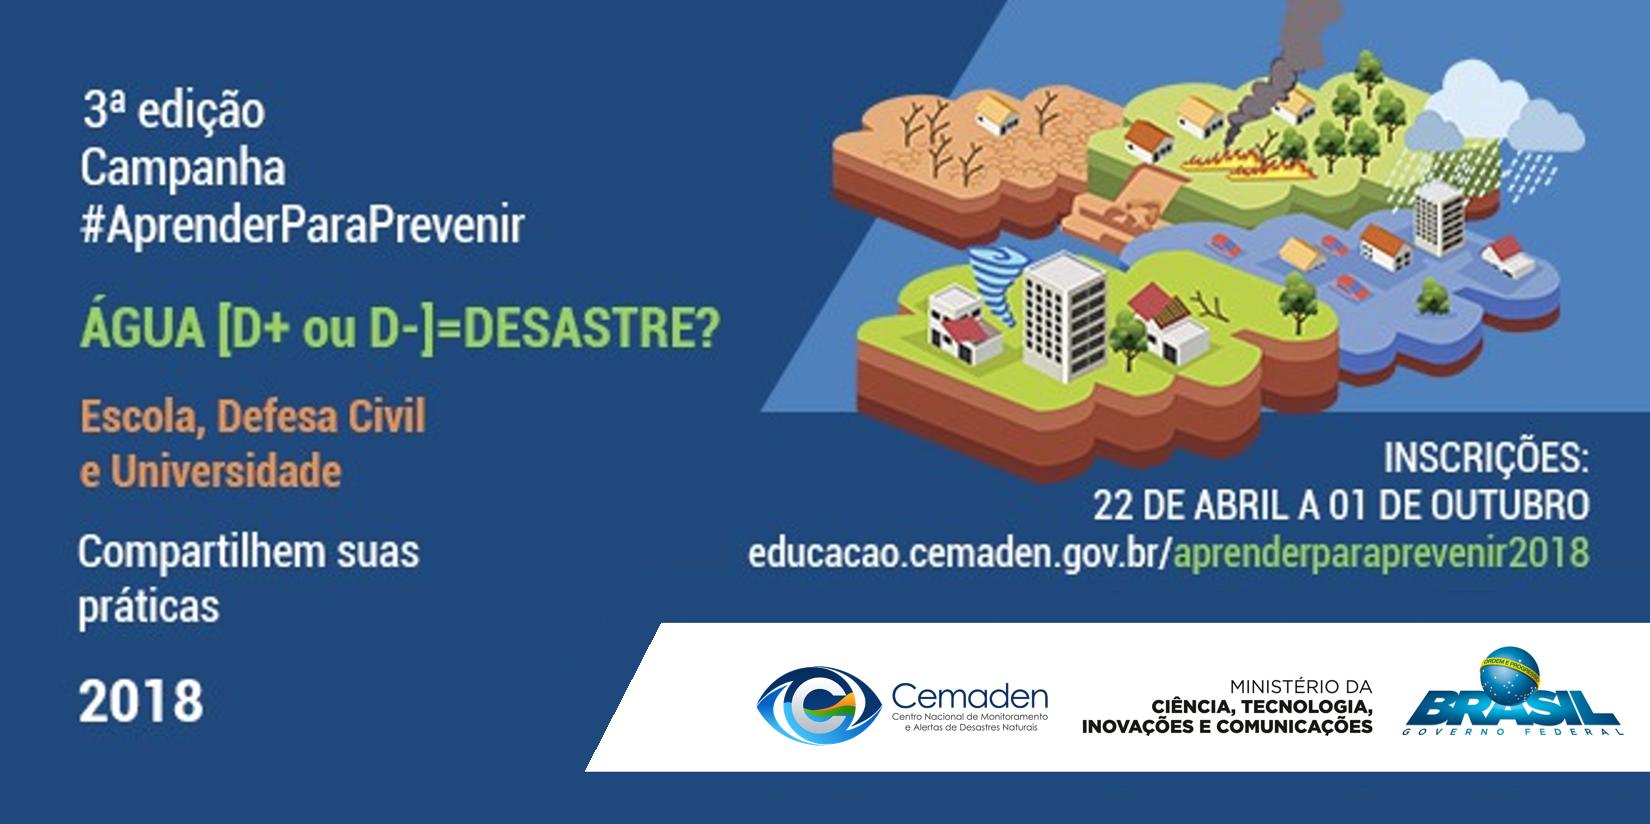 MCTIC recebe inscrições de projetos educacionais de combate a desastres até 1º de outubro